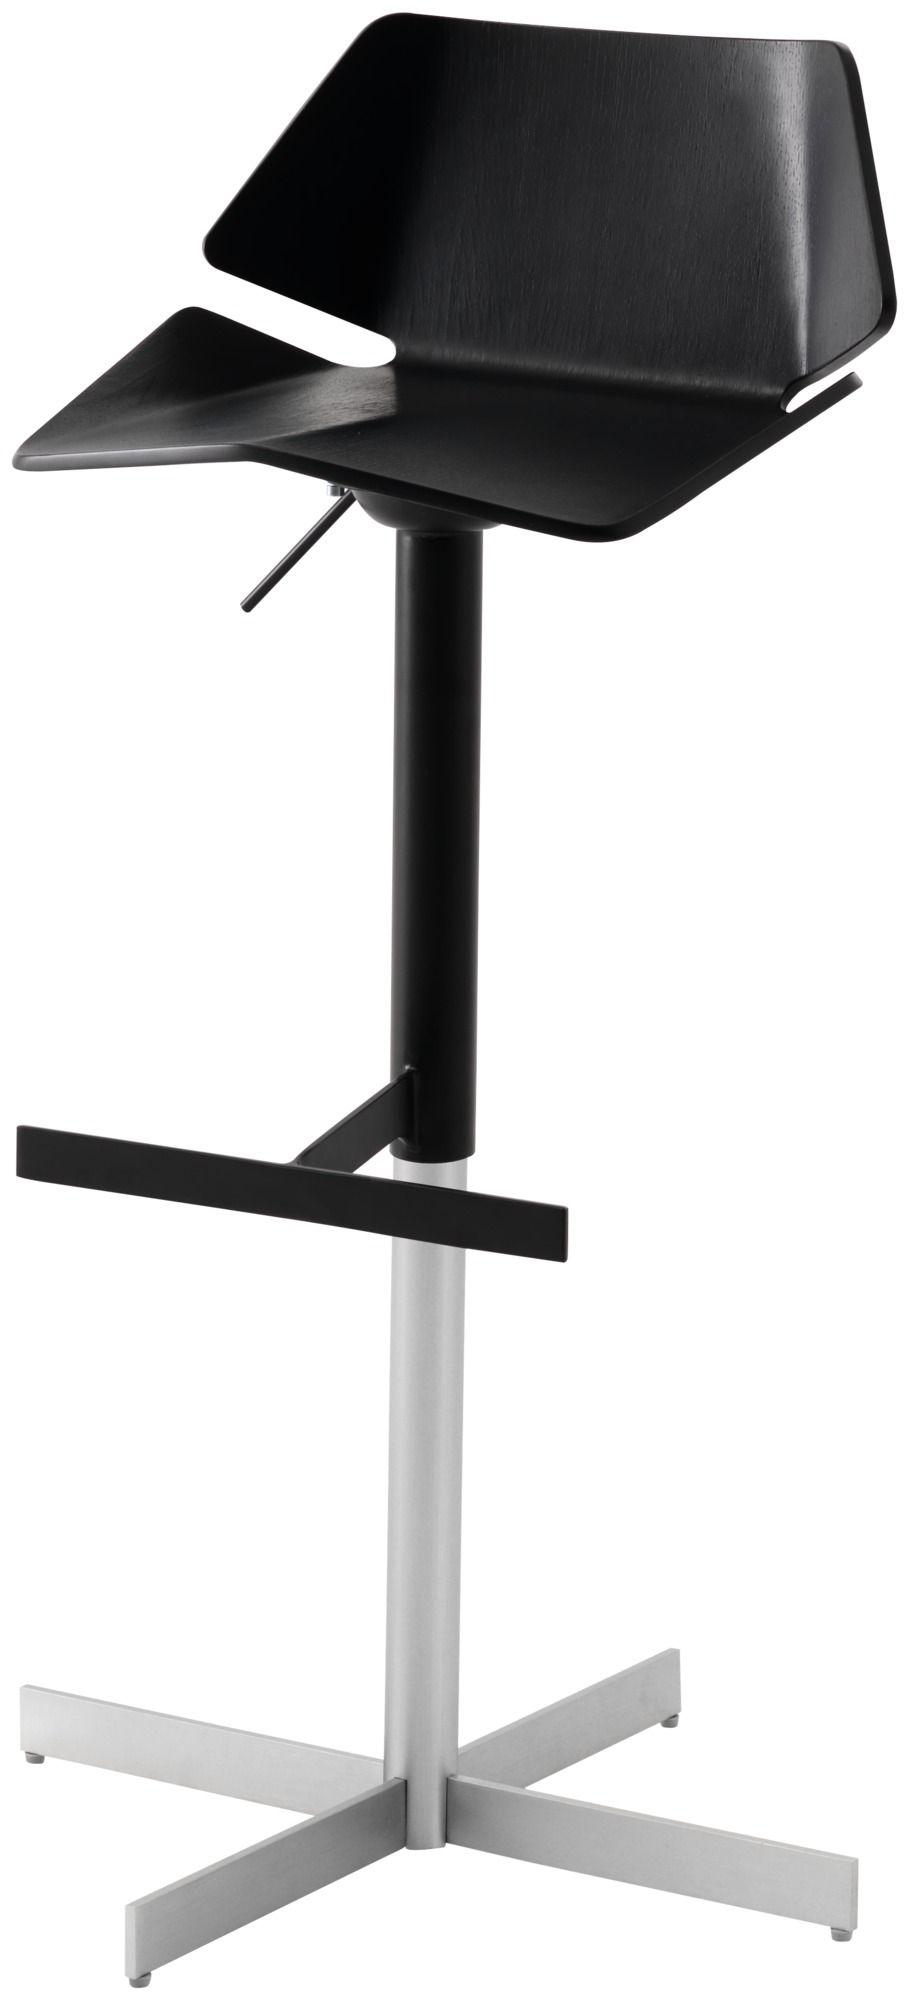 Chaises De Bar Design Pour Votre Interieur Boconcept Chaise De Bar Design Bar Design Tabourets De Bar Modernes